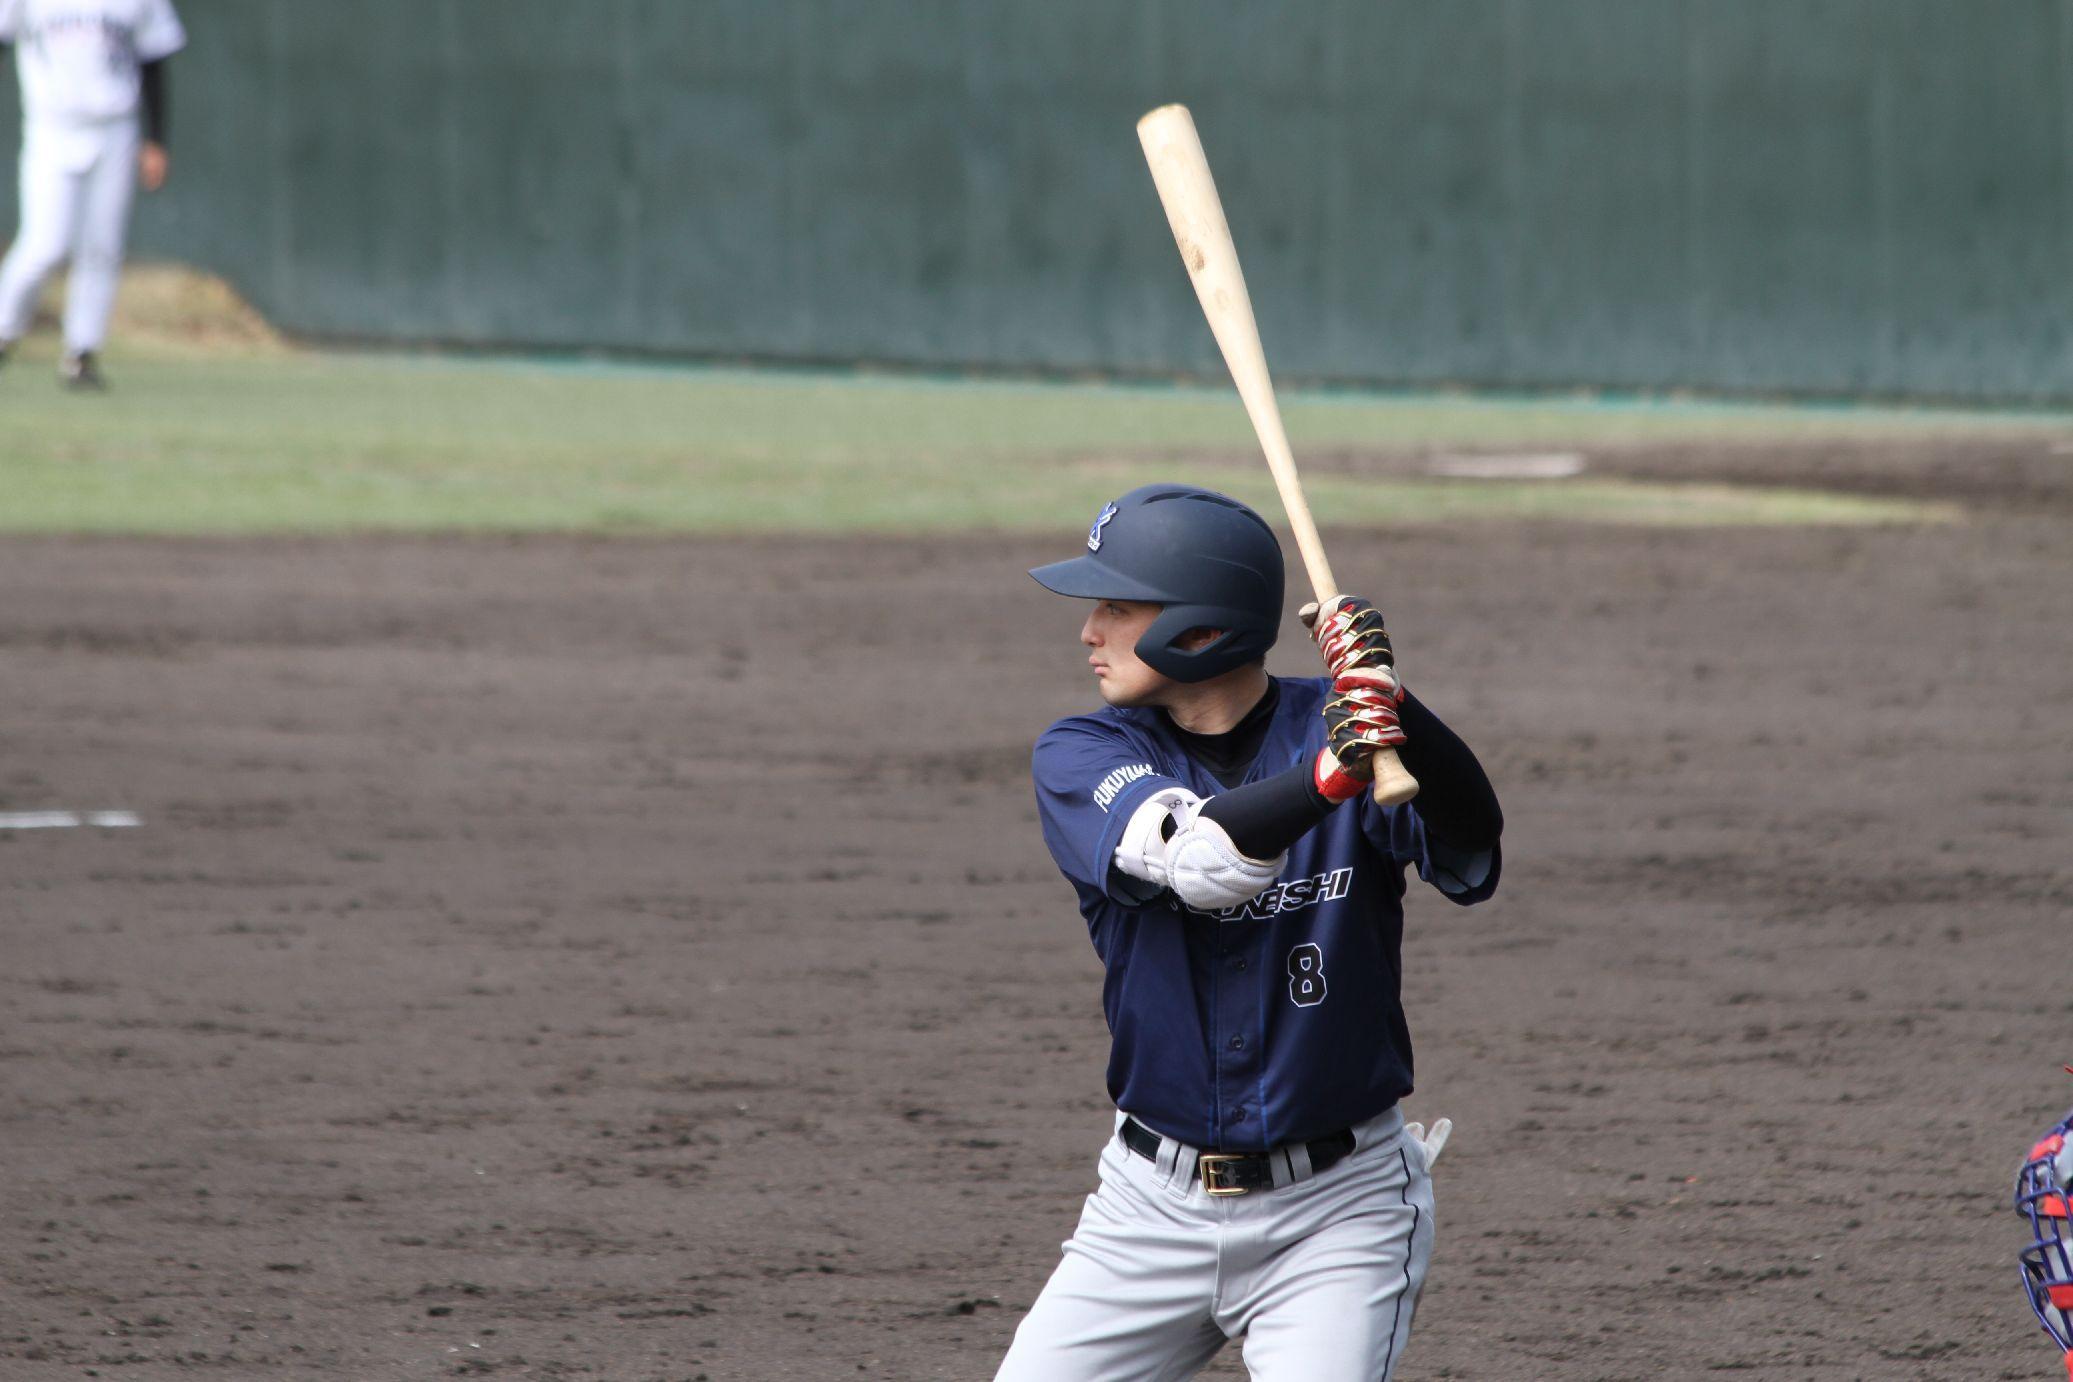 ツネイシ硬式野球部、第44回 JABA四国大会決勝トーナメント進出するも準決勝で敗退